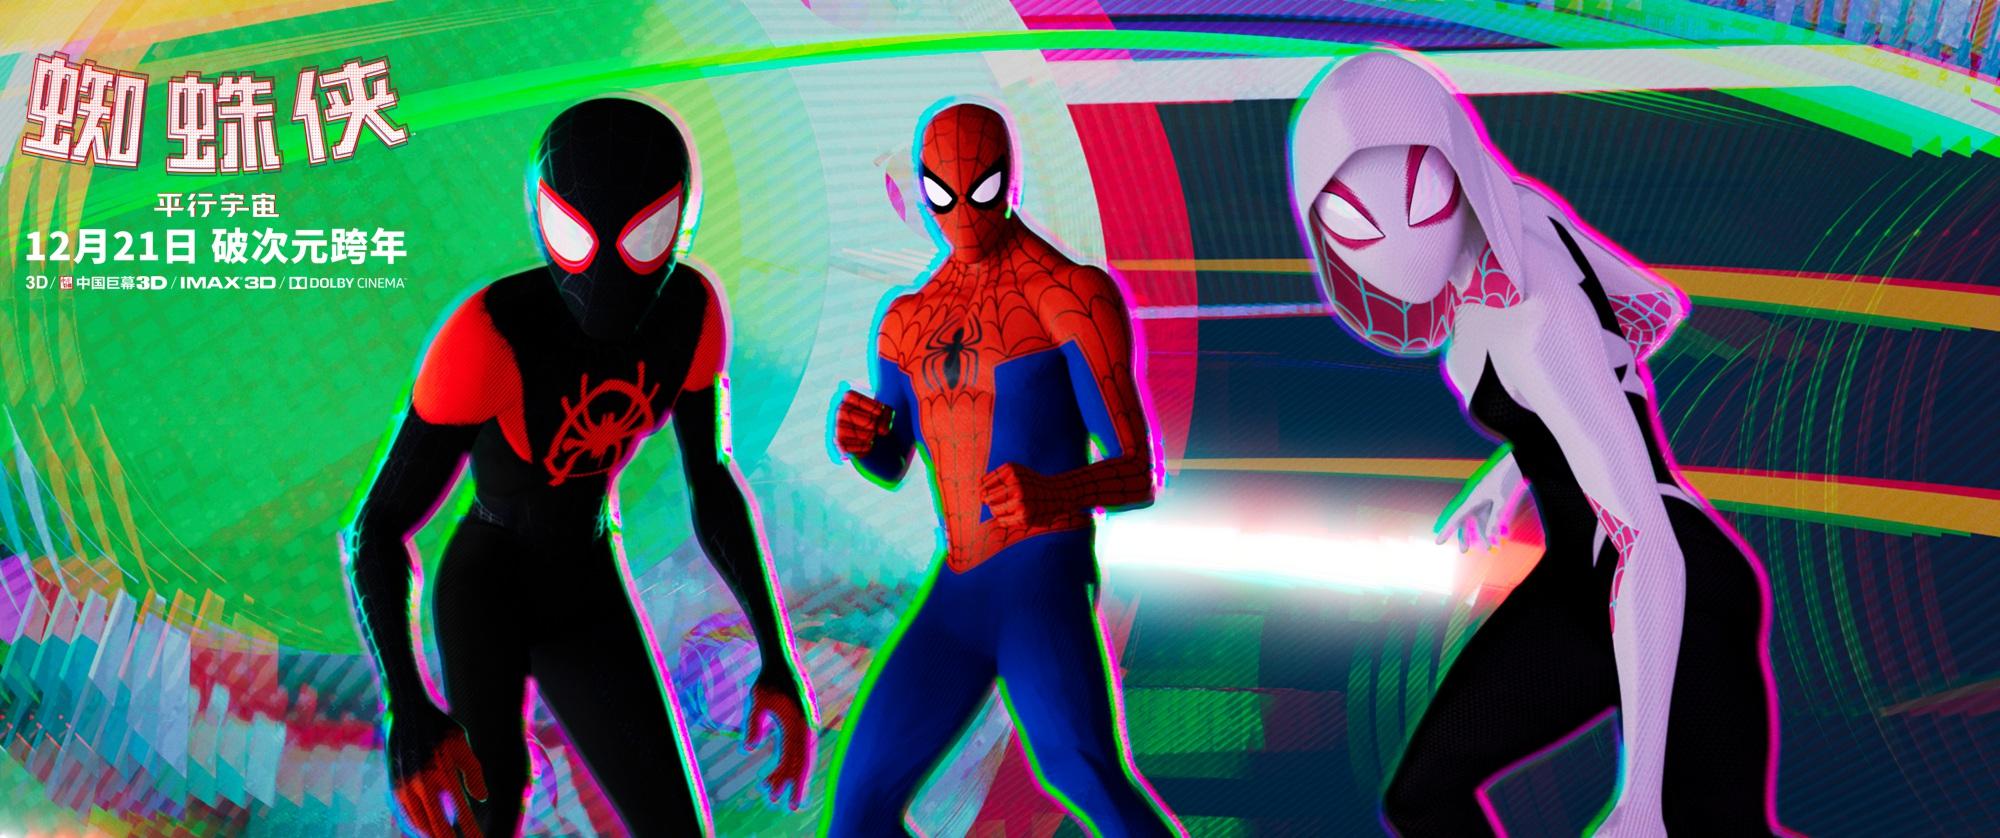 《蜘蛛侠:平行宇宙》口碑爆棚成各大奖项宠儿